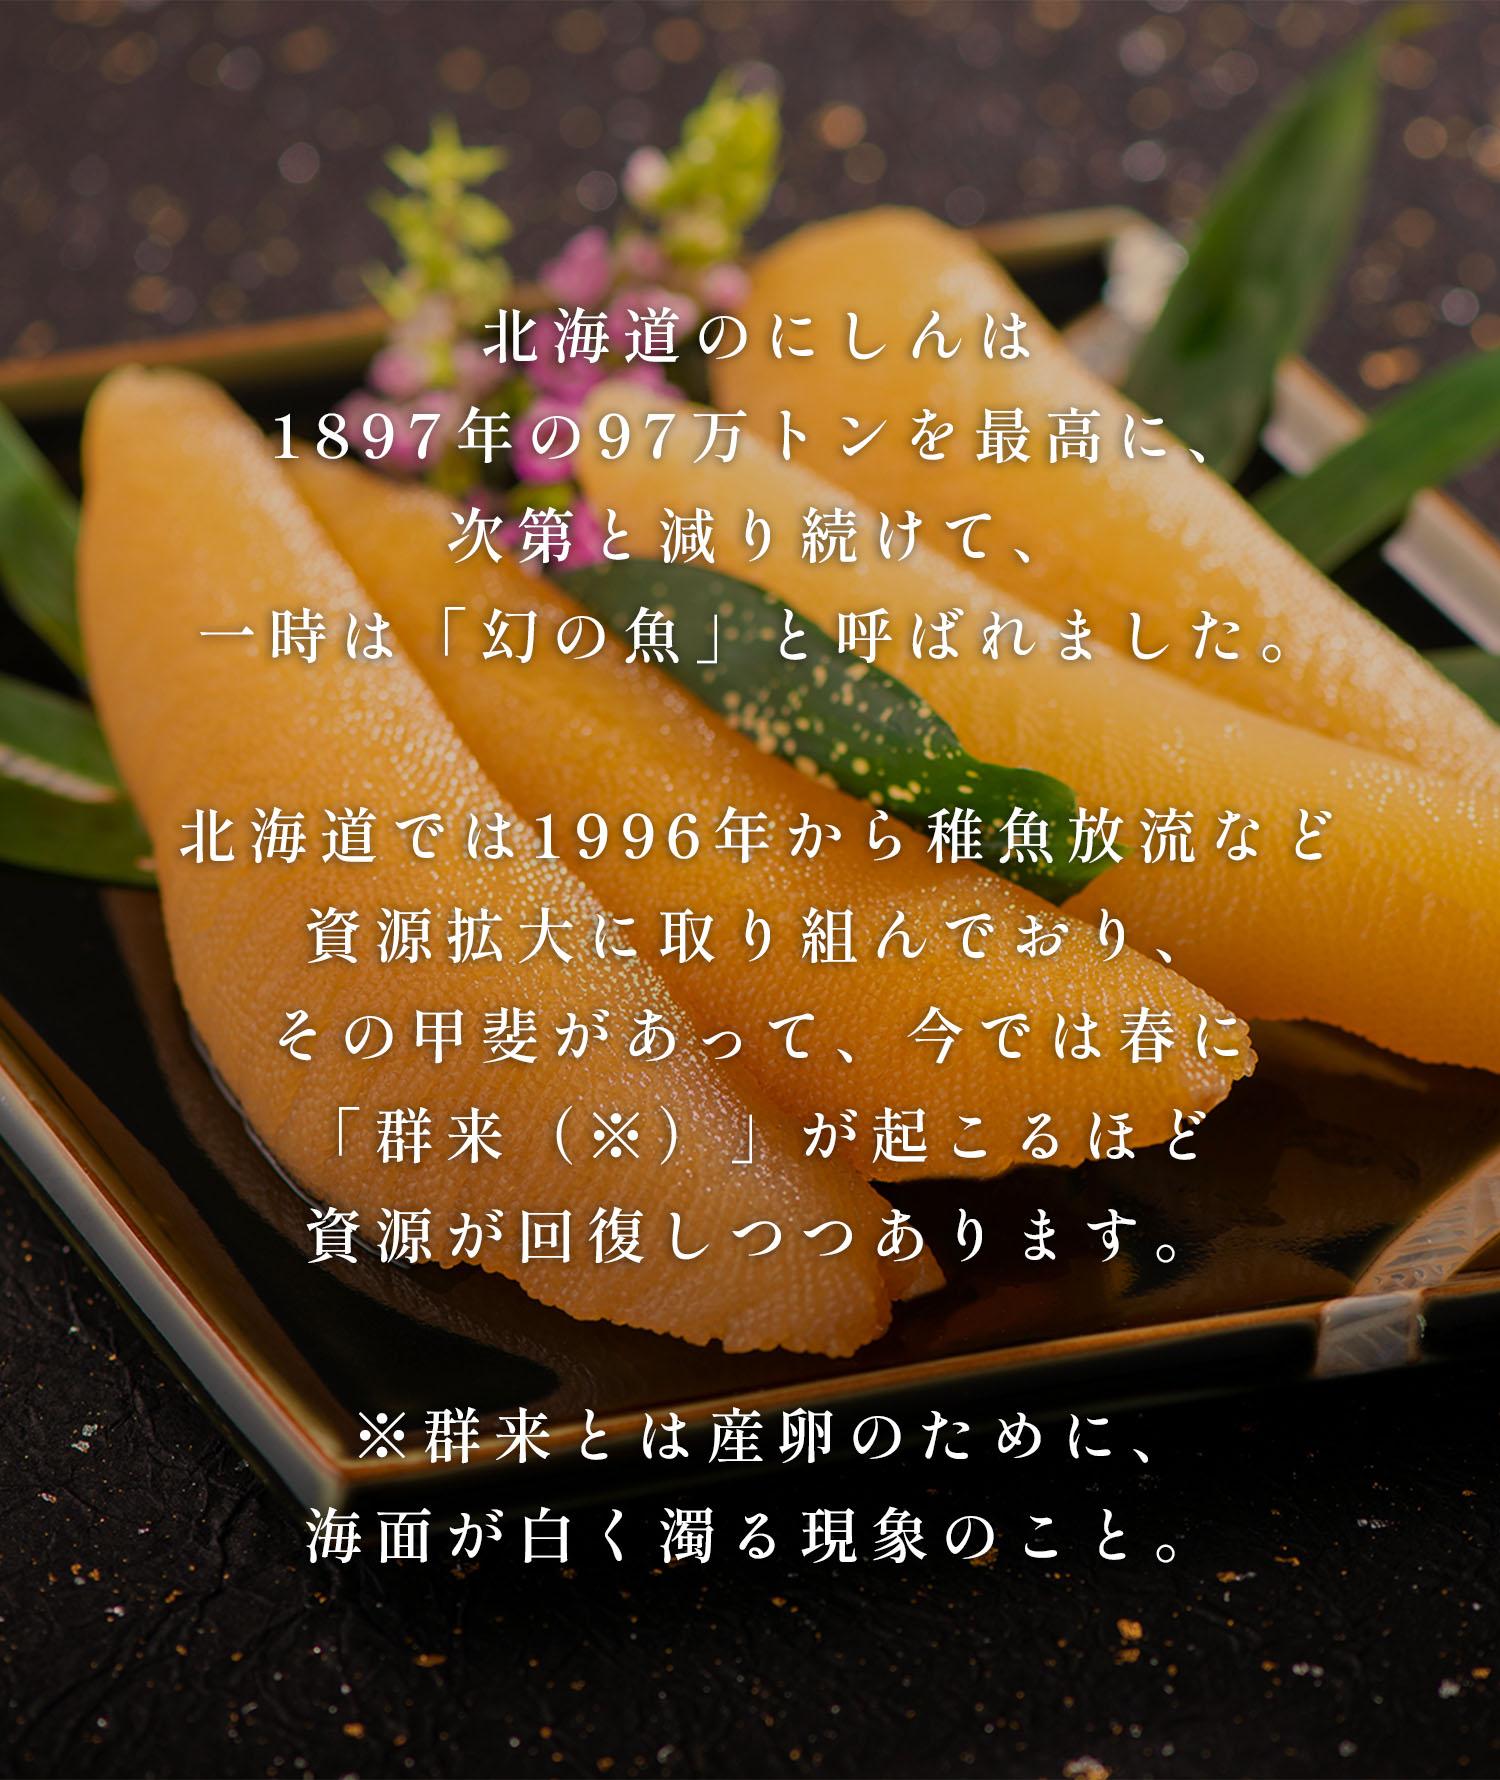 北海道のにしんは1897年の97万トンを最高に、次第と減り続けて、一時は「幻の魚」と呼ばれました。北海道では1996年から稚魚放流など資源拡大に取り組んでおり、その甲斐があって、今では春に「群来(※)」が起こるほど資源が回復しつつあります。※群来とは産卵のために、界面が白く濁る現象のこと。